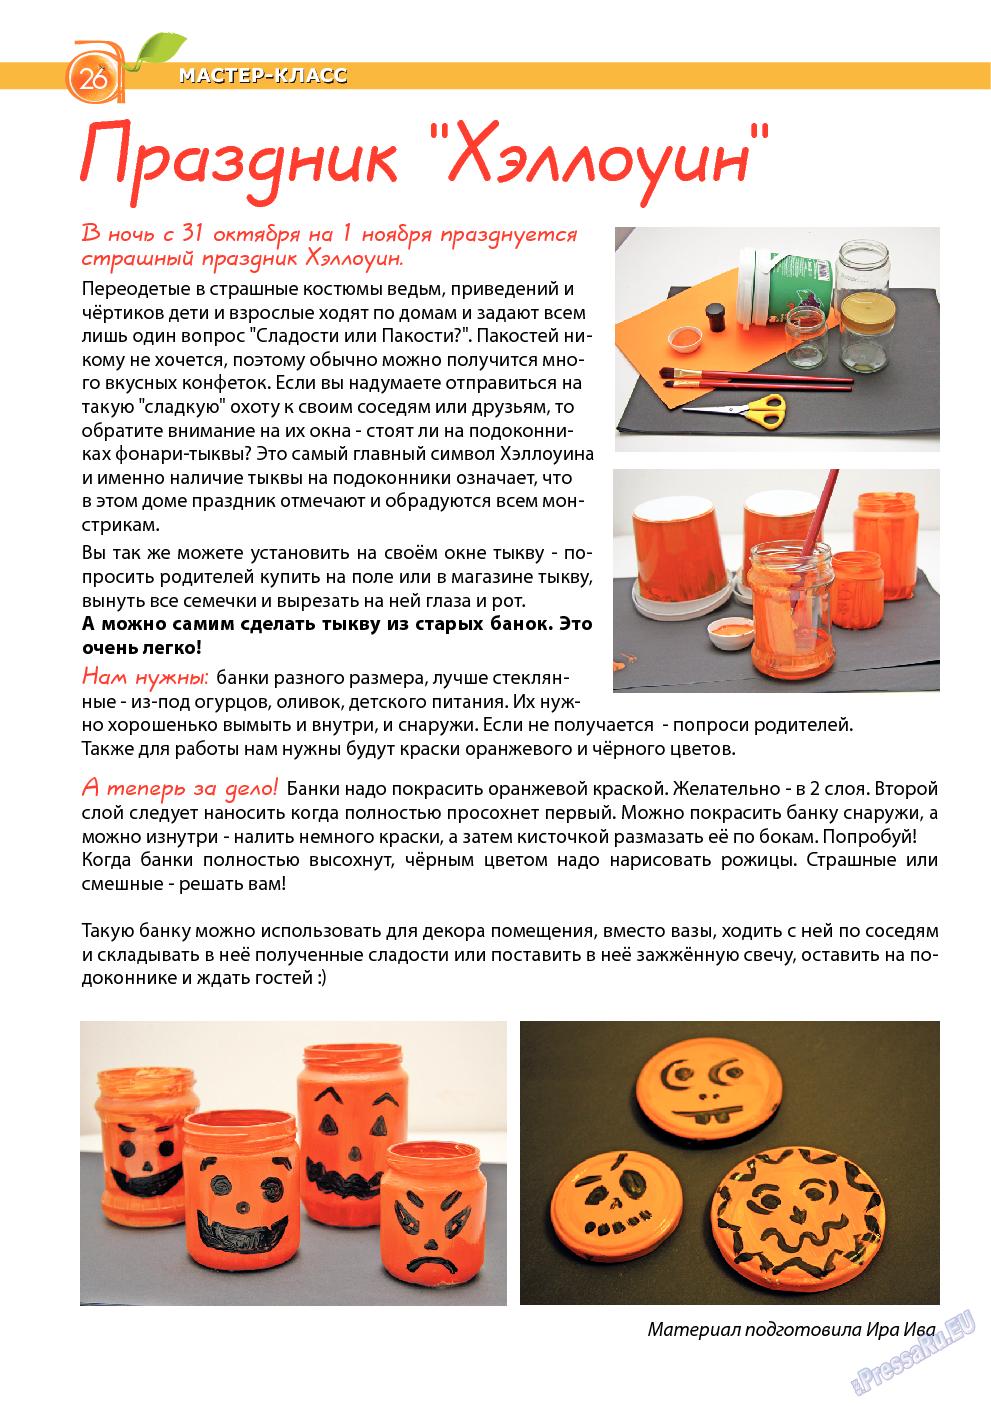 Апельсин (журнал). 2013 год, номер 51, стр. 26